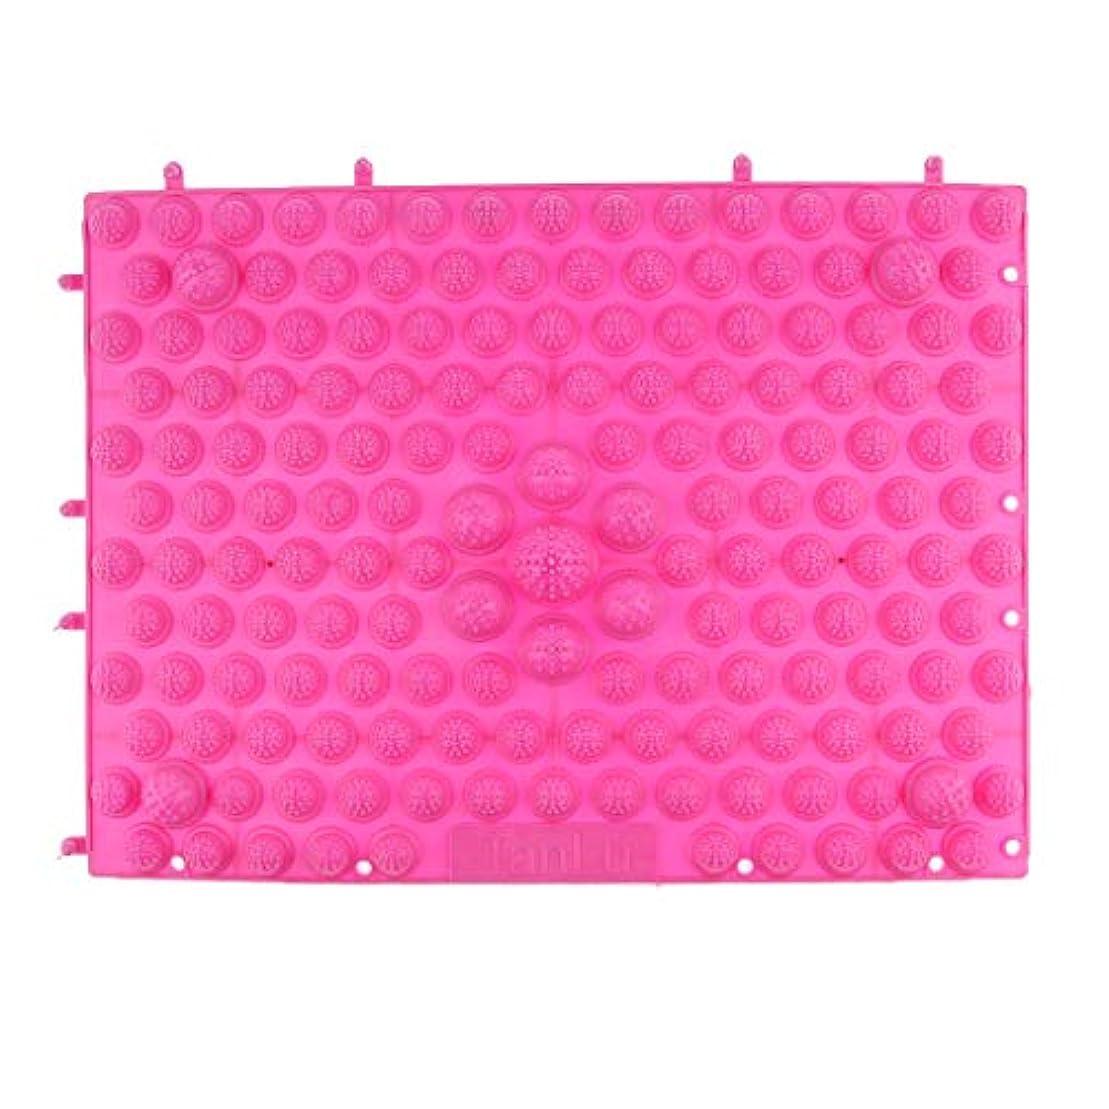 エンティティ香港手当フットマッサージマット マッサージシート 指圧クッション ストレス解消 快適 多色選べ - ピンク